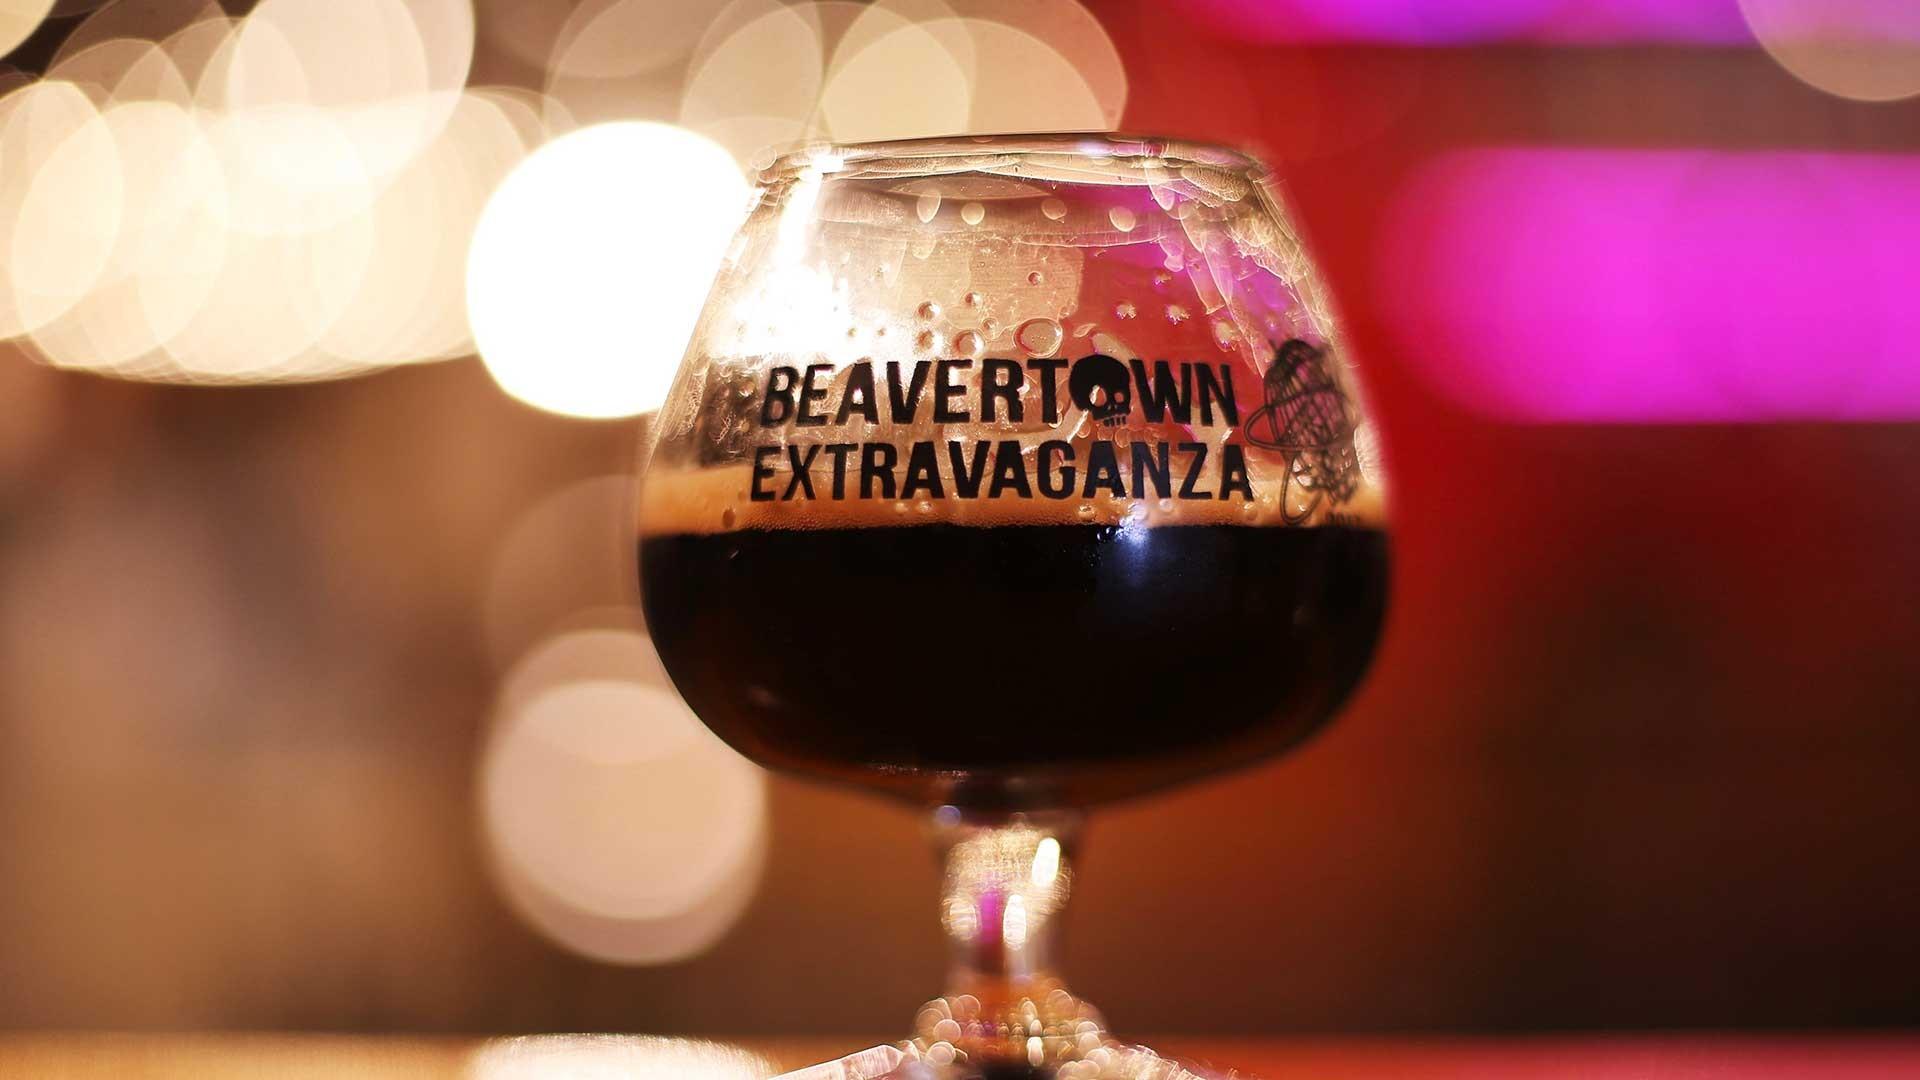 Beavertown Extravaganza